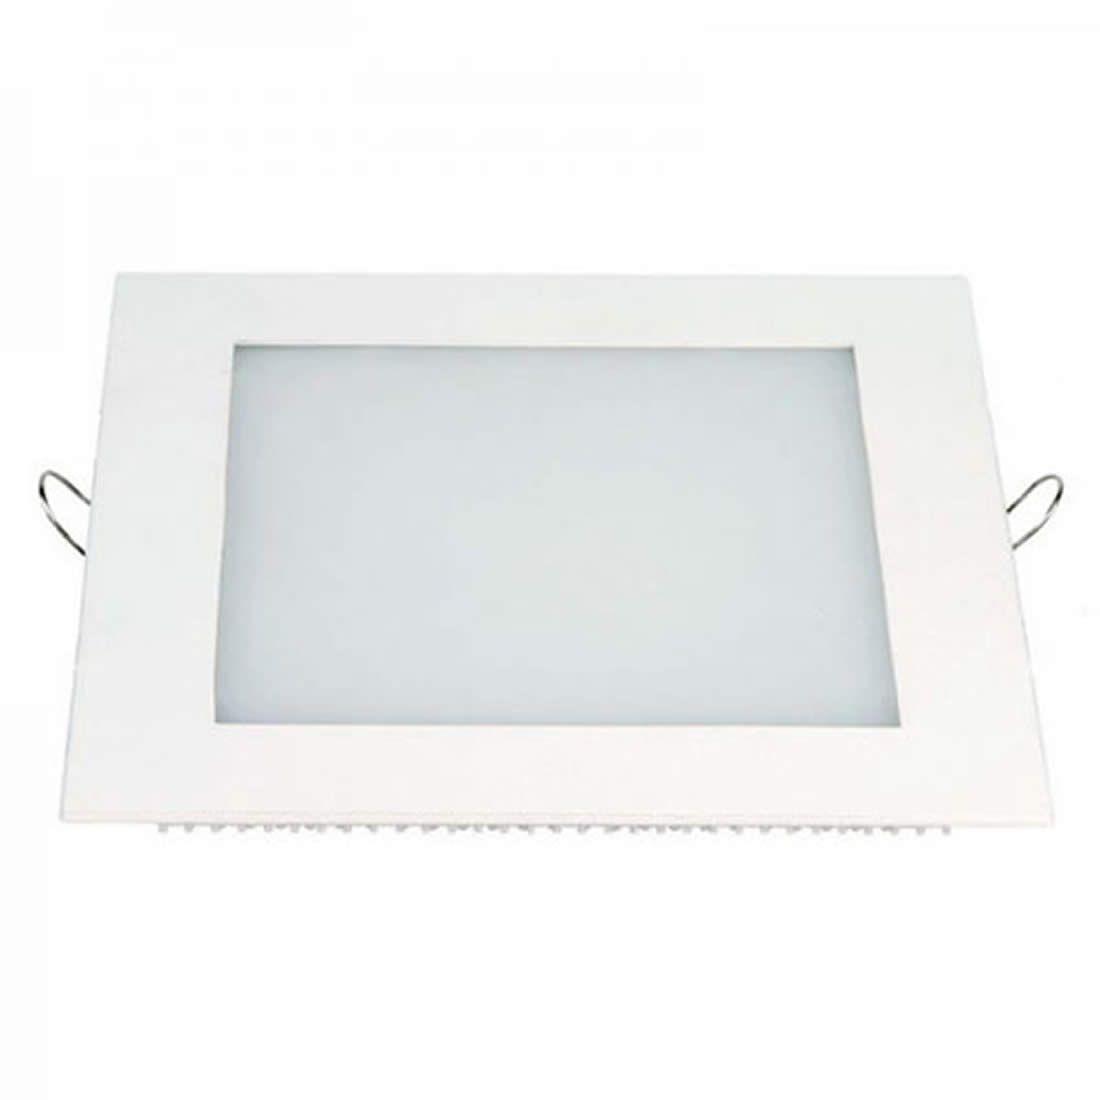 Luminária de Led Taschibra 30 24W Quadrada Embutir 3000K